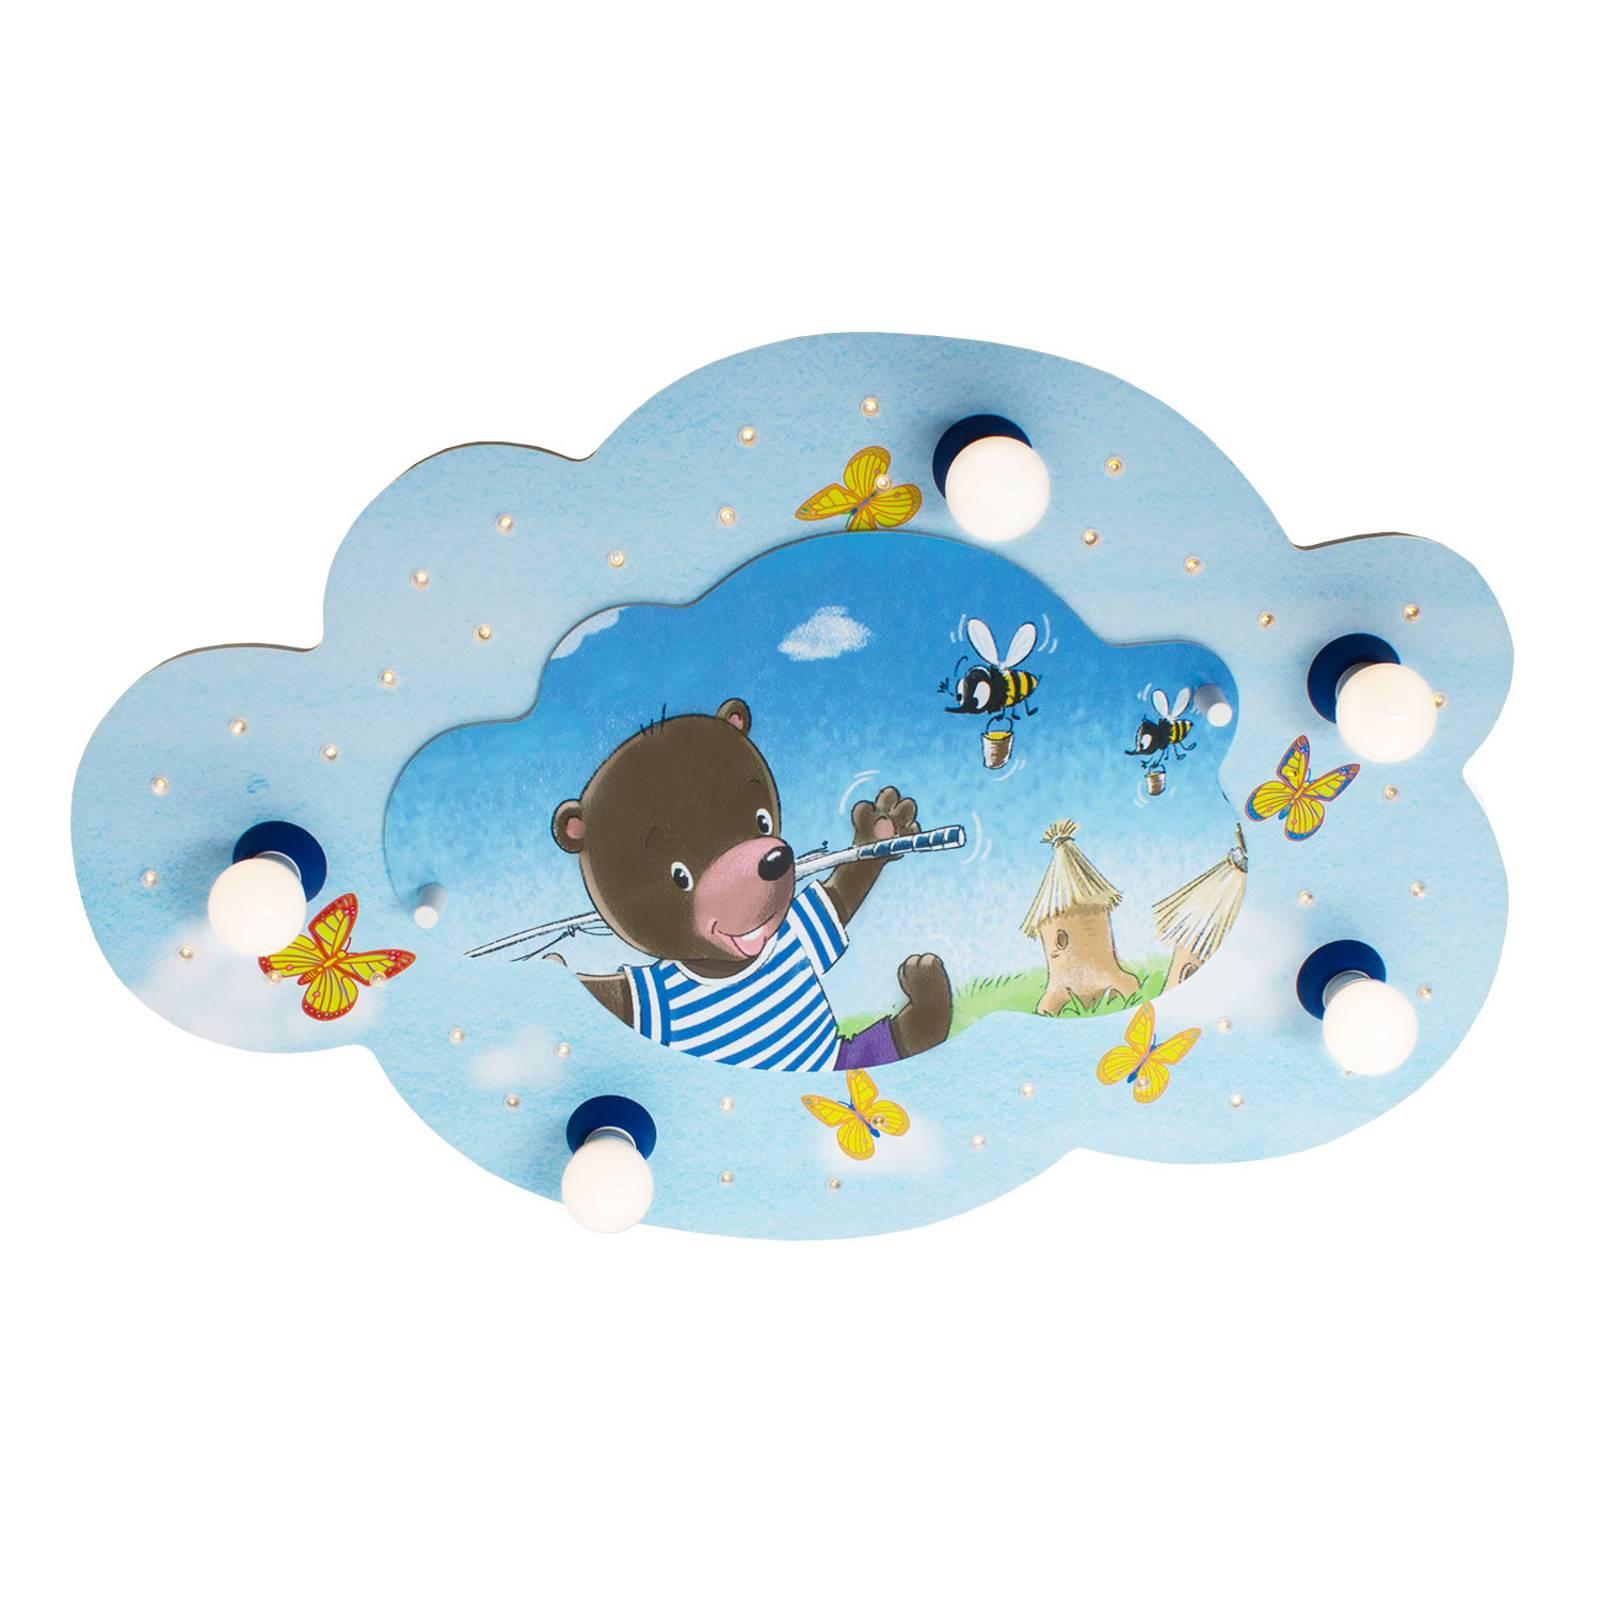 Kattovalaisin Karhu ja onki, pilvi, sininen